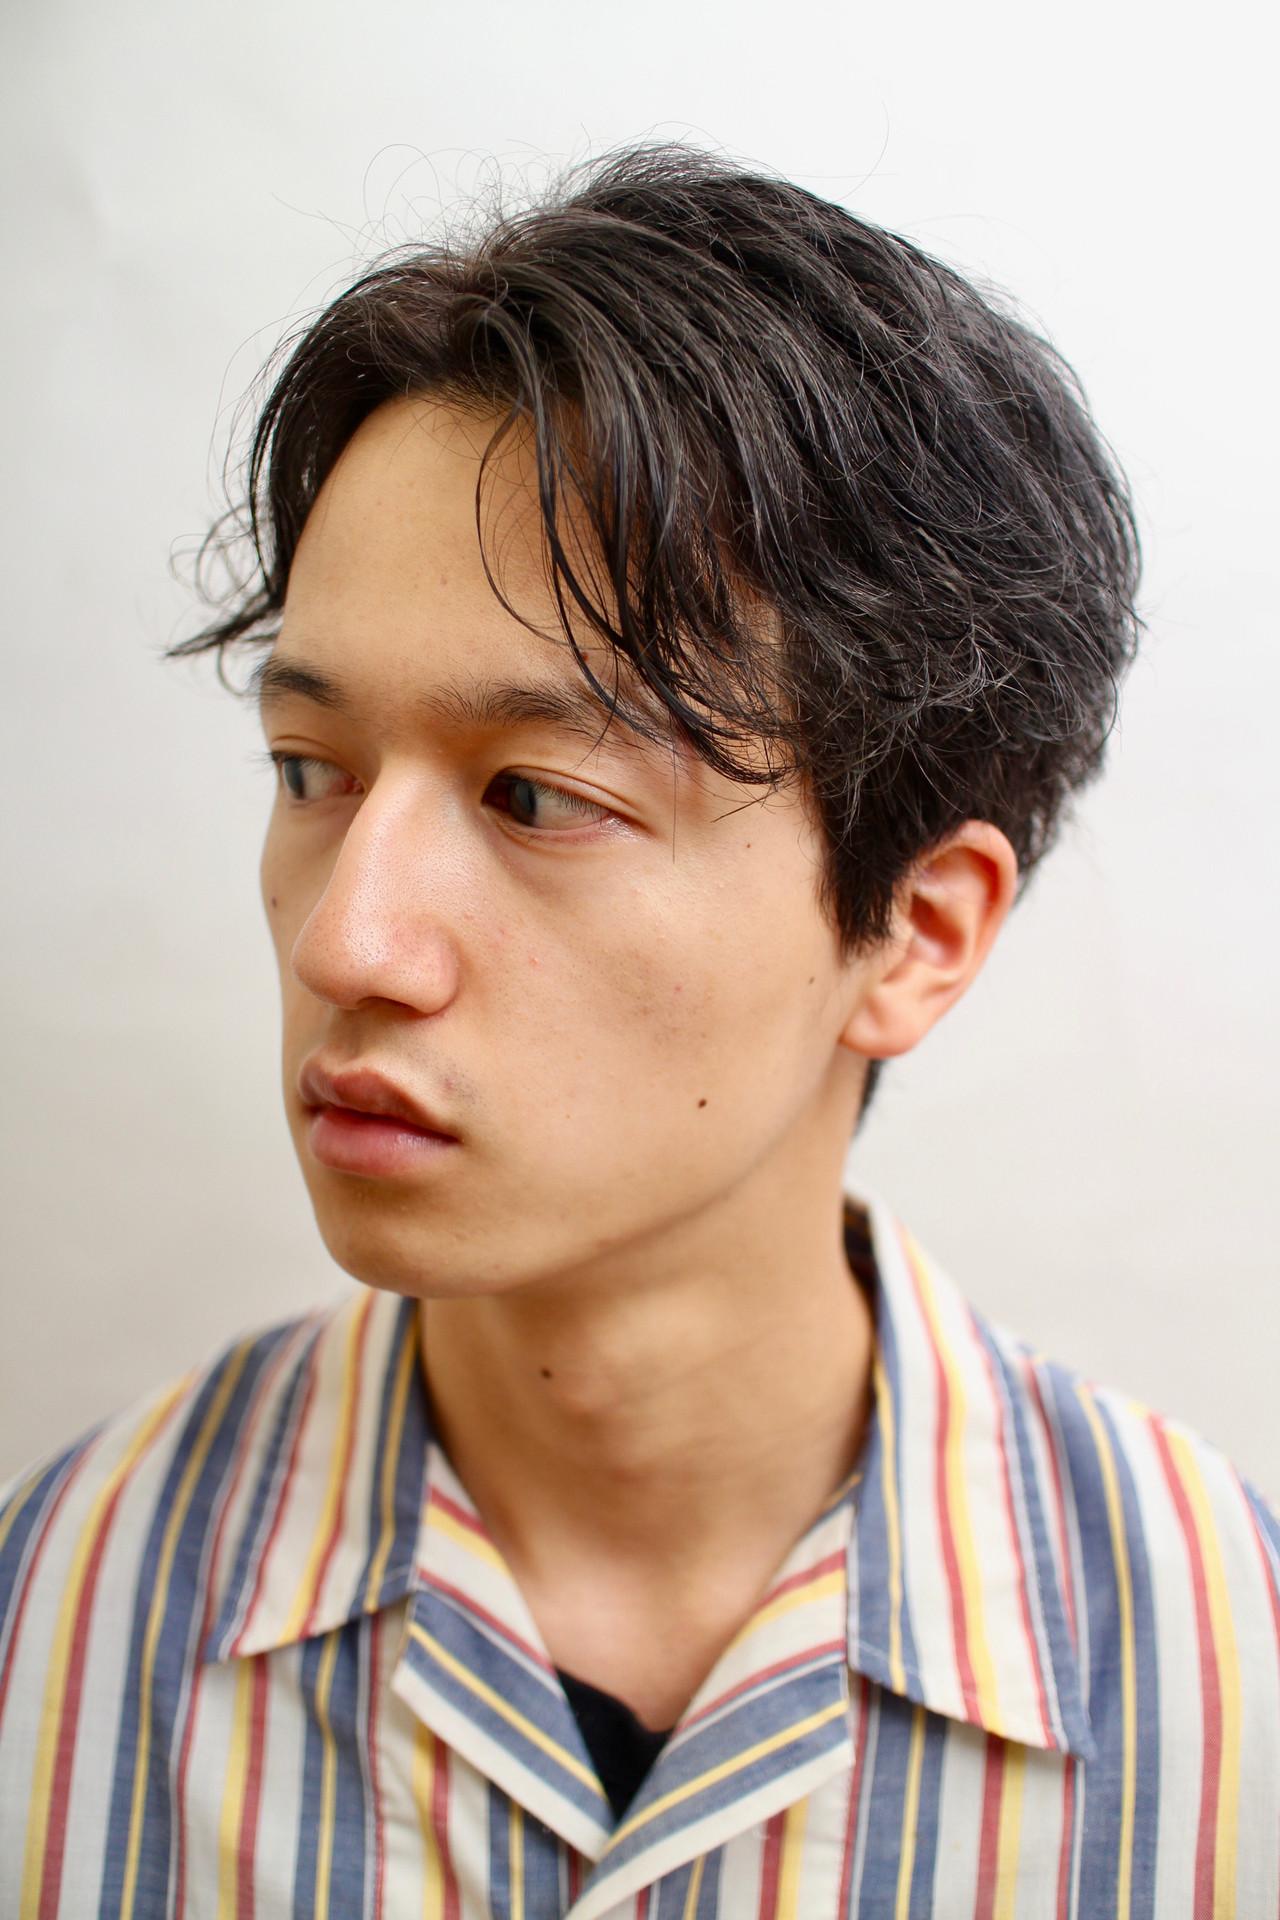 軟毛の髪質の男性